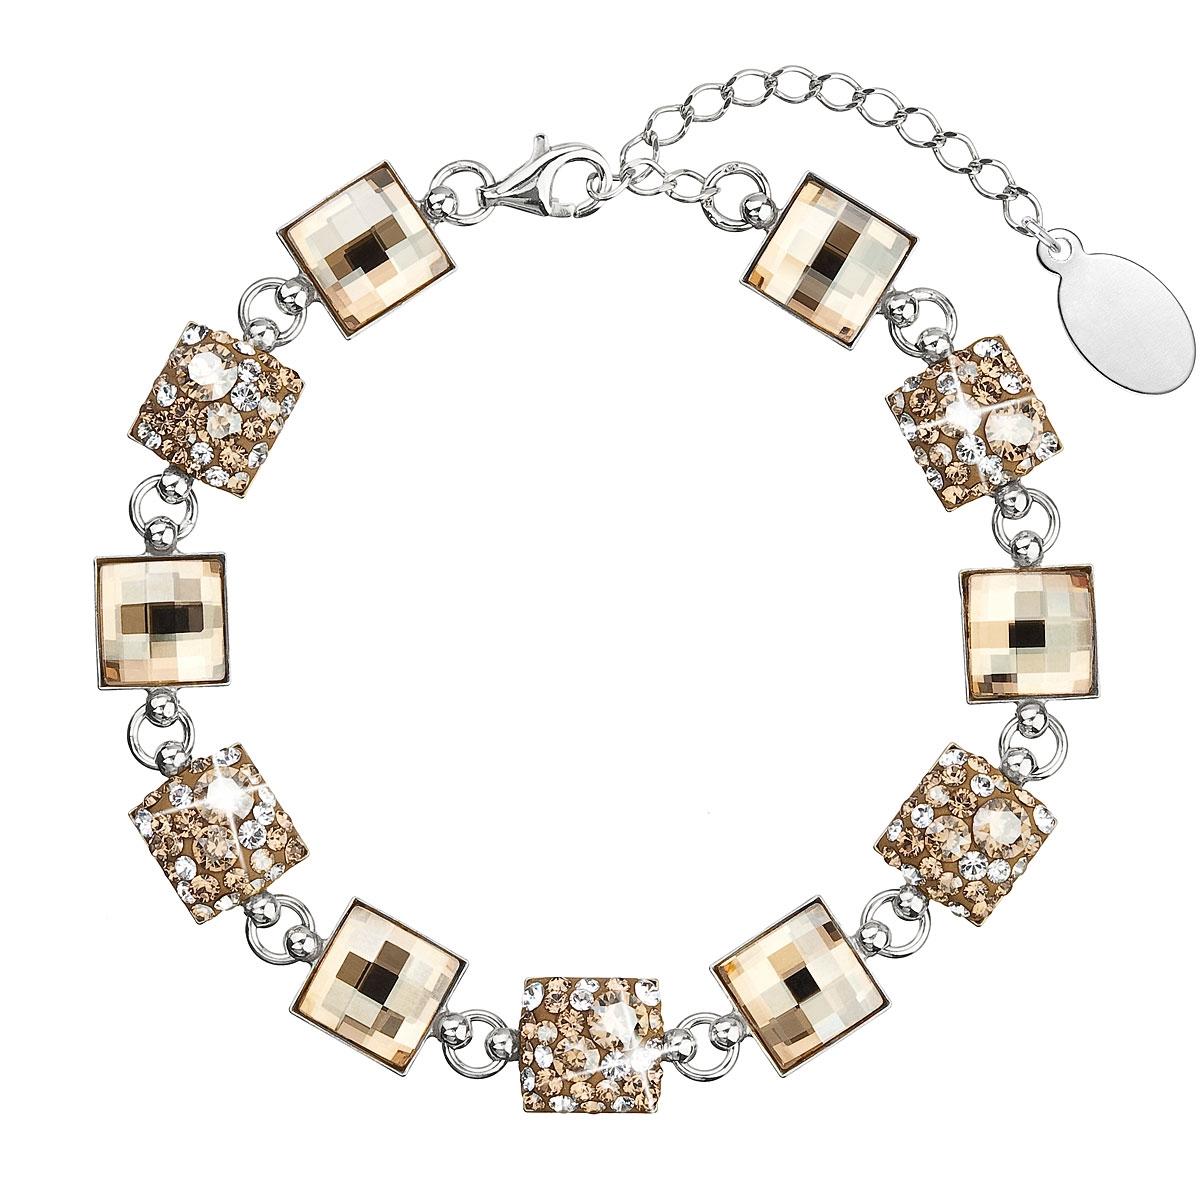 Strieborný náramok s kryštálmi Crystals from Swarovski ®, Gold